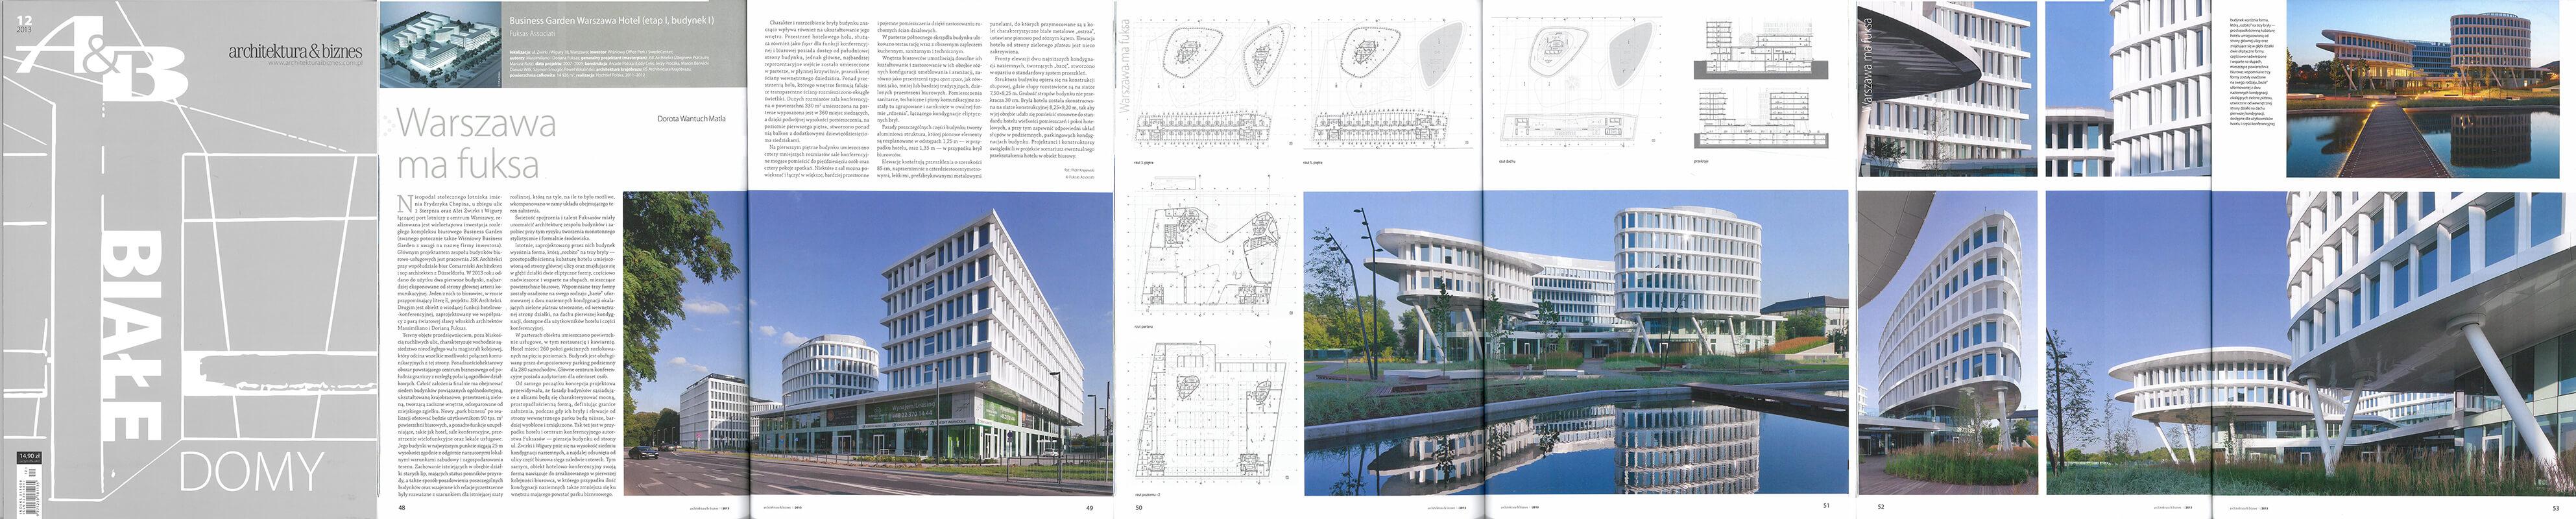 Business Garden in Warsaw - Architektura&Biznes 12/2013